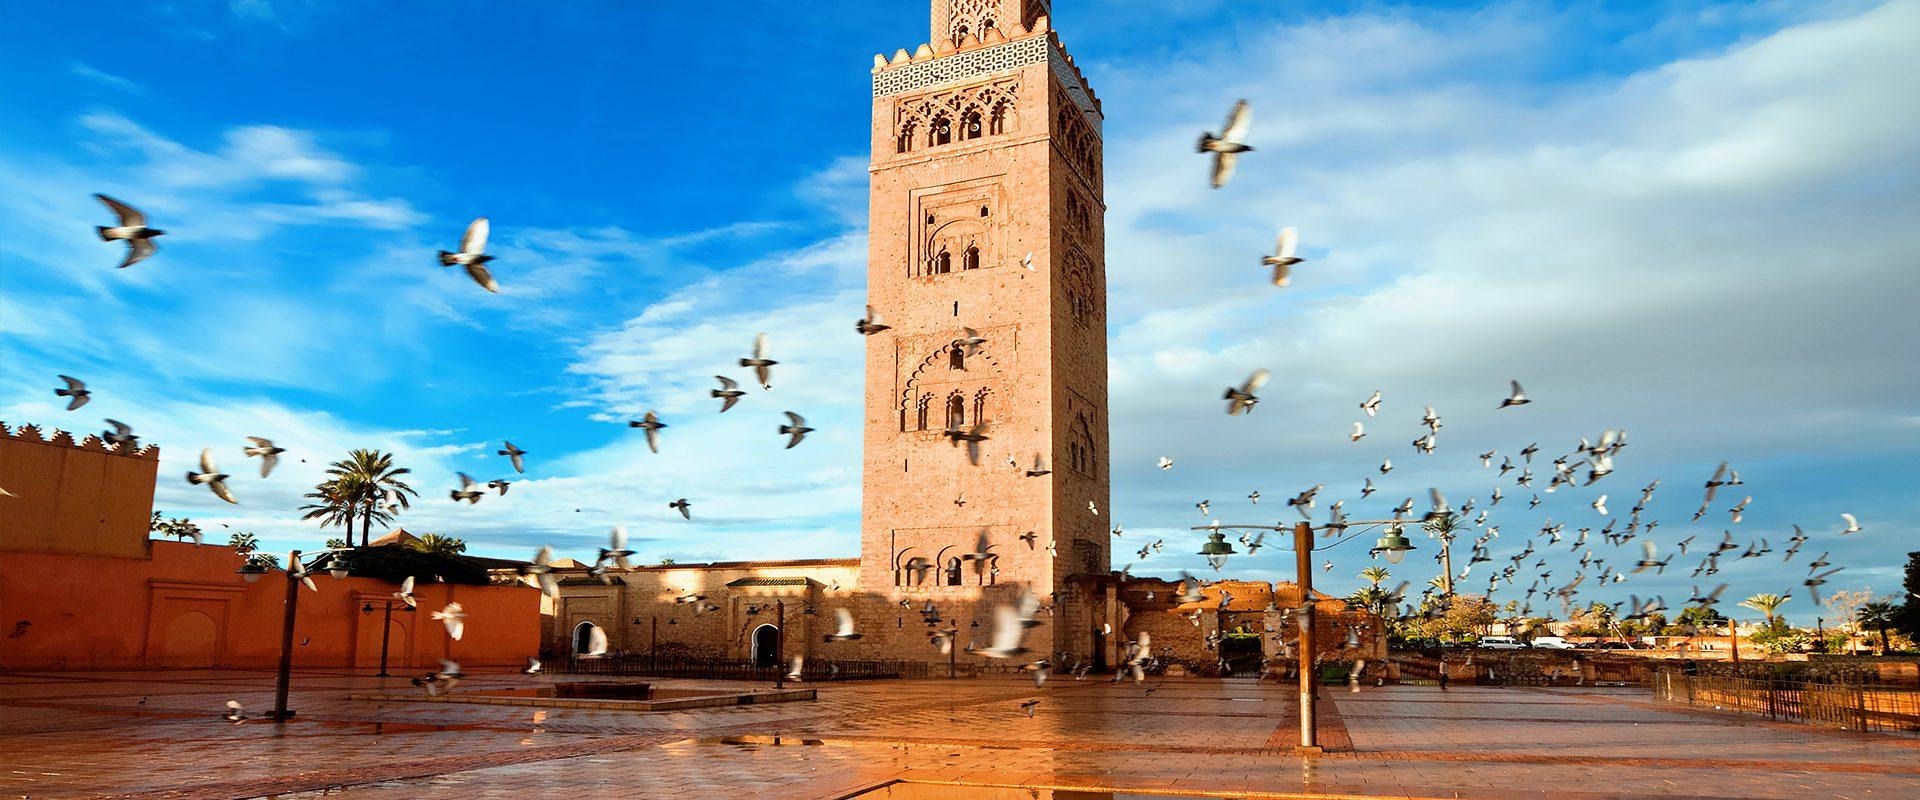 Marrakesch - Viajeros con B